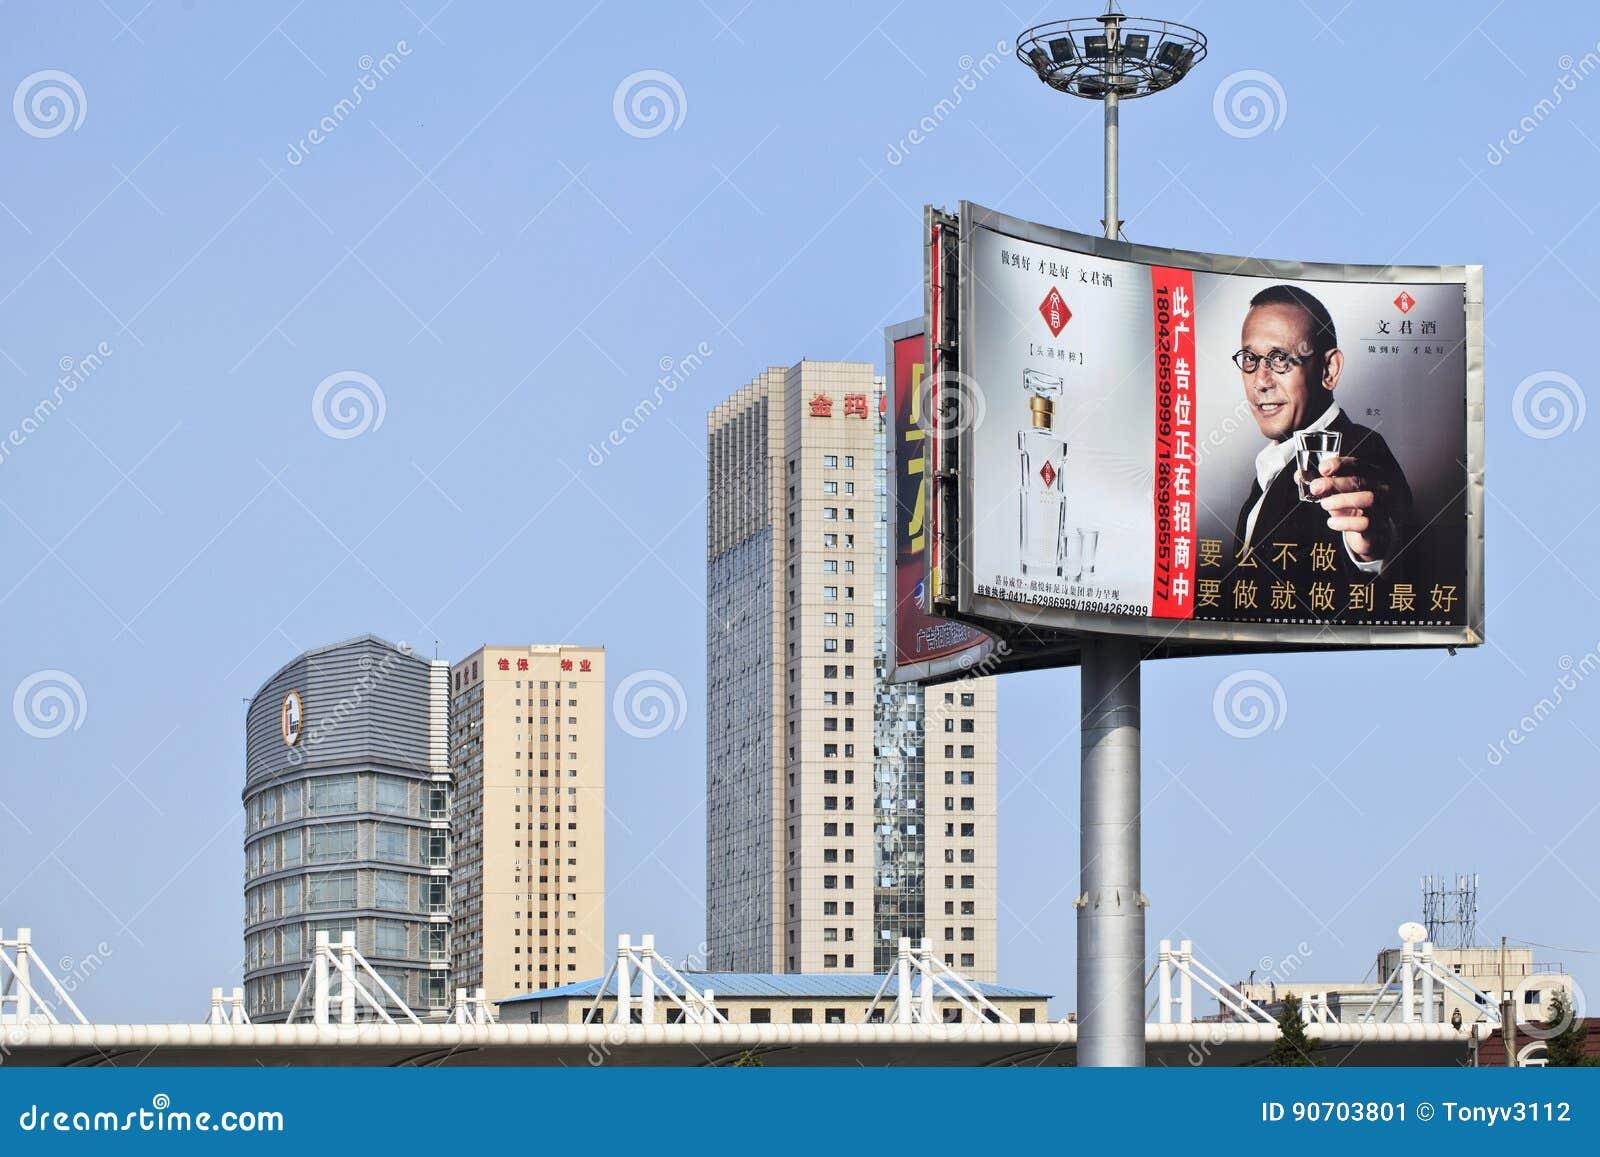 Πίνακας διαφημίσεων adverte με την κινεζική προσωπικότητα, Dalian, Κίνα